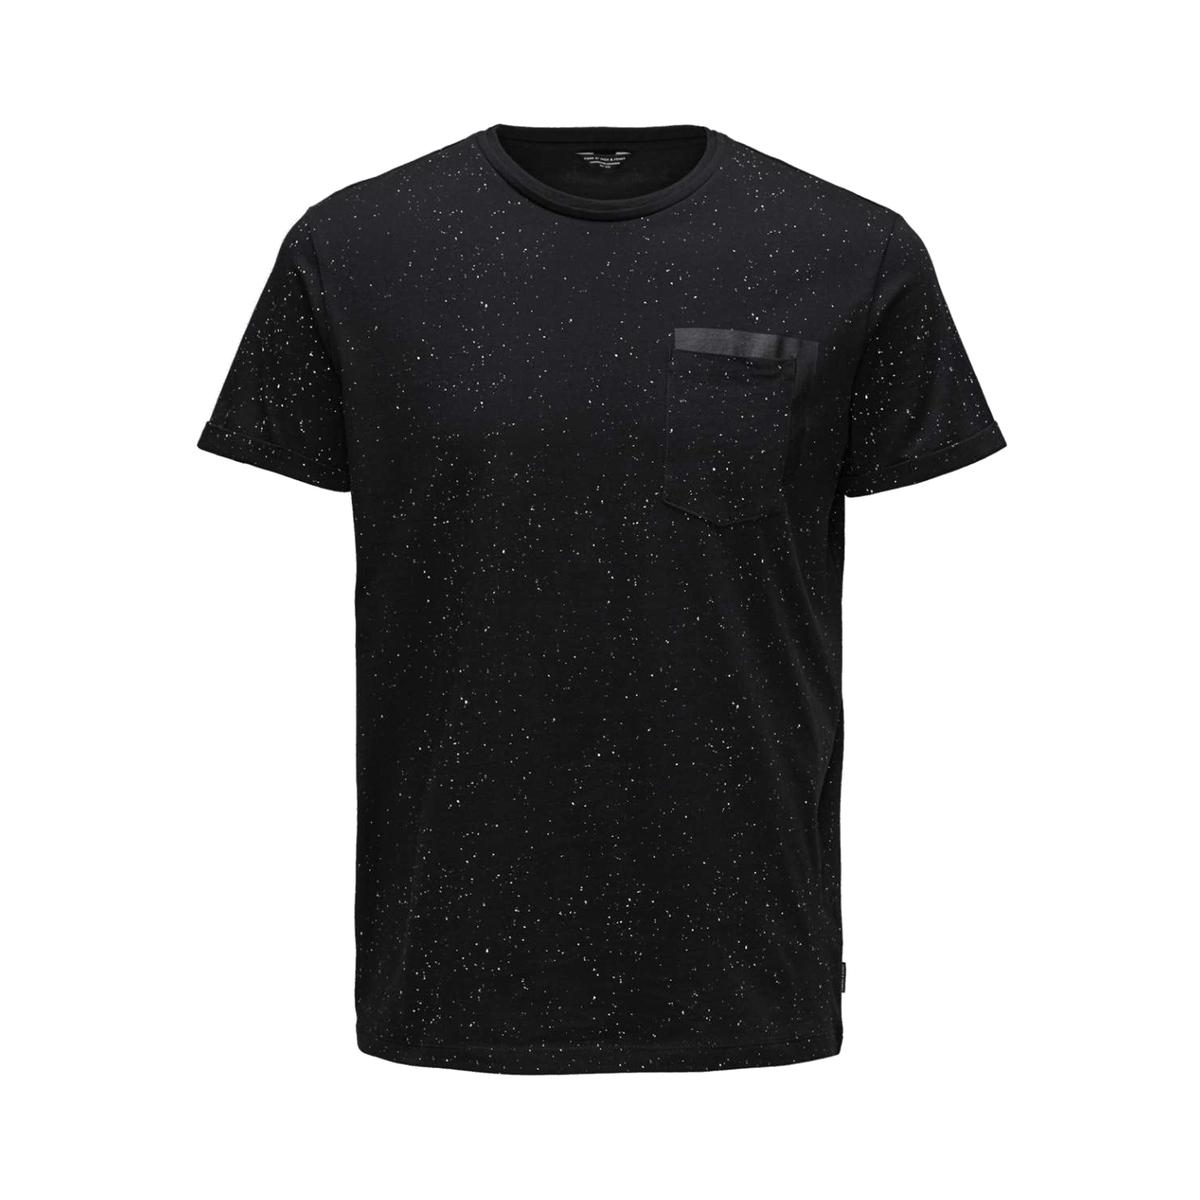 Футболка JJCOROSS из ткани меланжКороткие рукава- Прямой покрой- Круглый вырез- 1 карман на груди Состав и описание :Основной материал : 100% хлопокМарка :  JACK &amp; JONES®Уход :Следуйте рекомендациям, указанным на этикетке изделия.<br><br>Цвет: темно-синий,черный<br>Размер: S.S